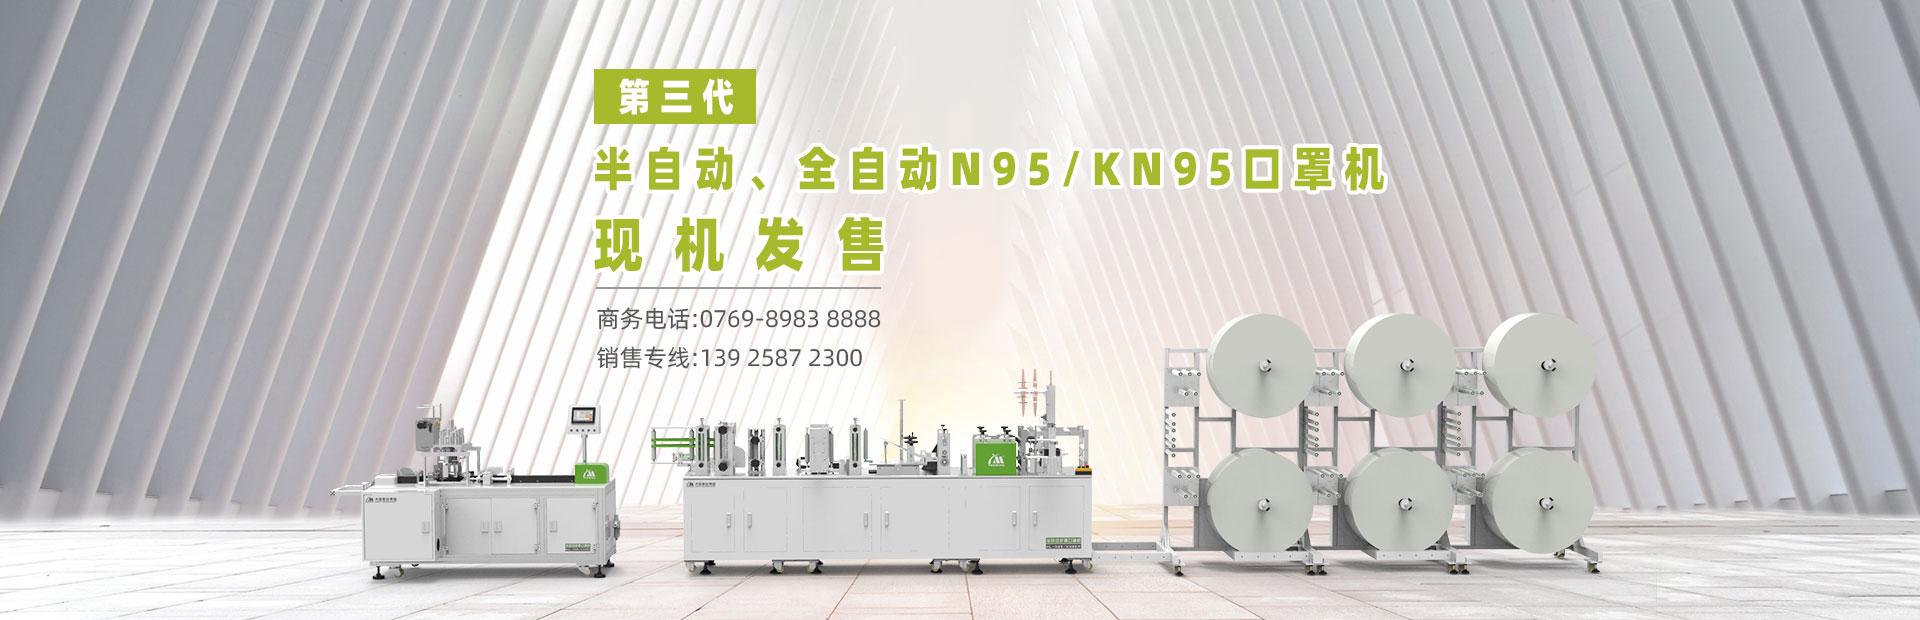 第三代半自动、全自动N95/KN95口罩机